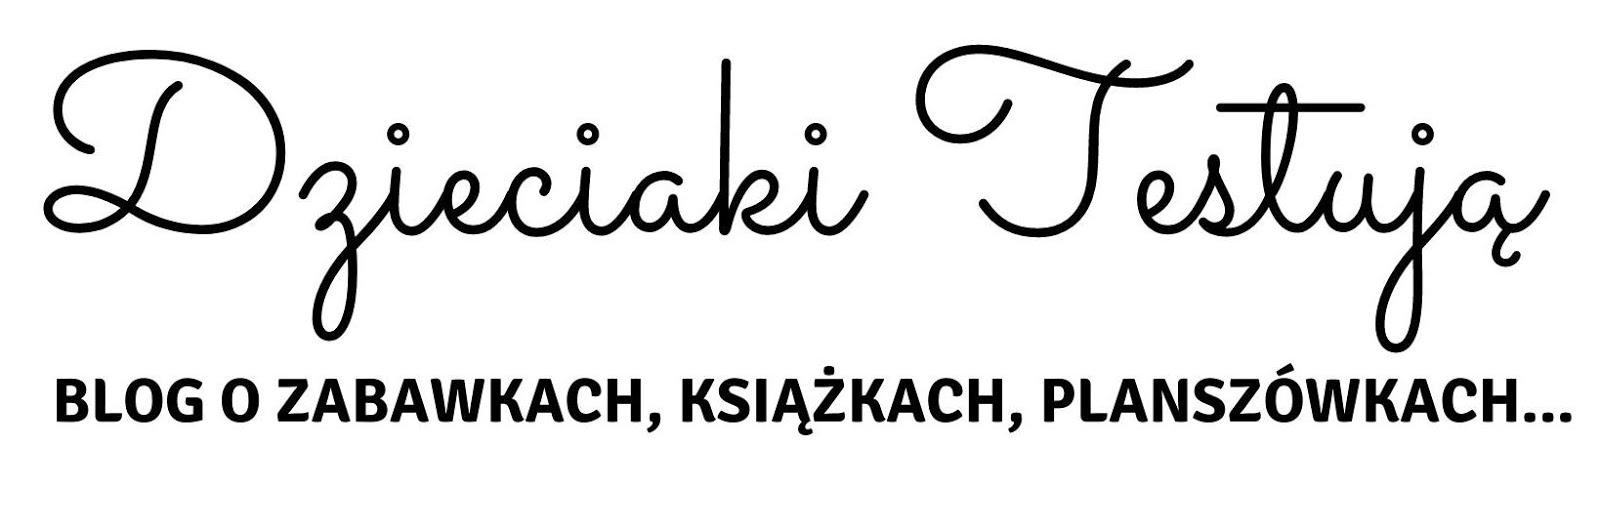 Dzieciaki-Testuja.pl - Jedyny blog z videorecenzjami